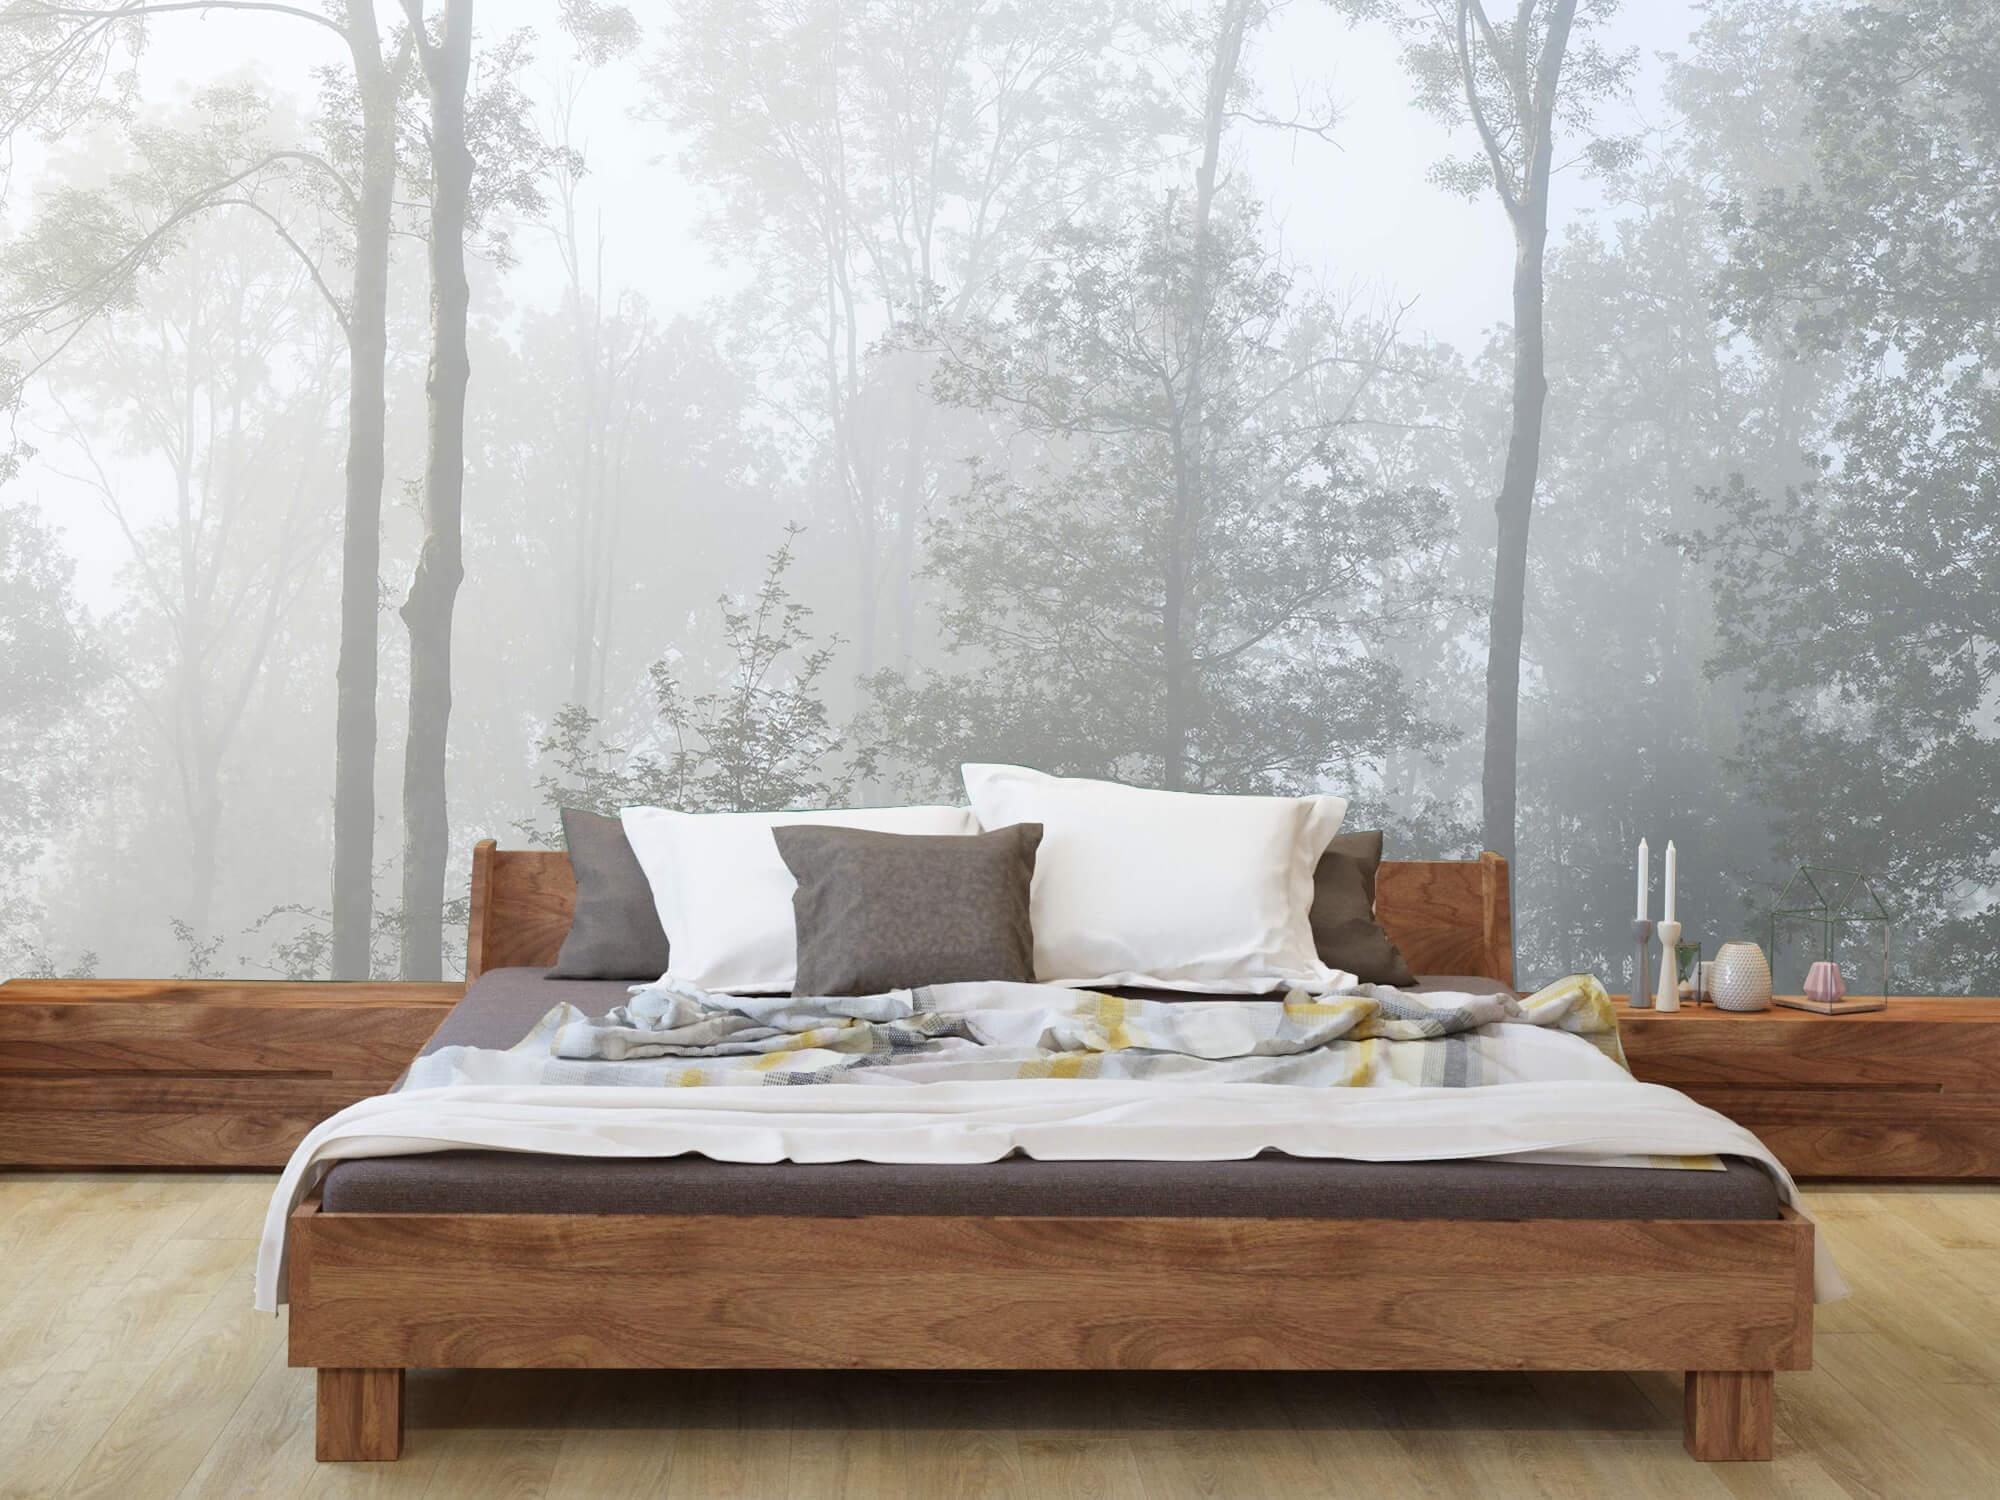 Bos behang Dichte mist in het bos 8